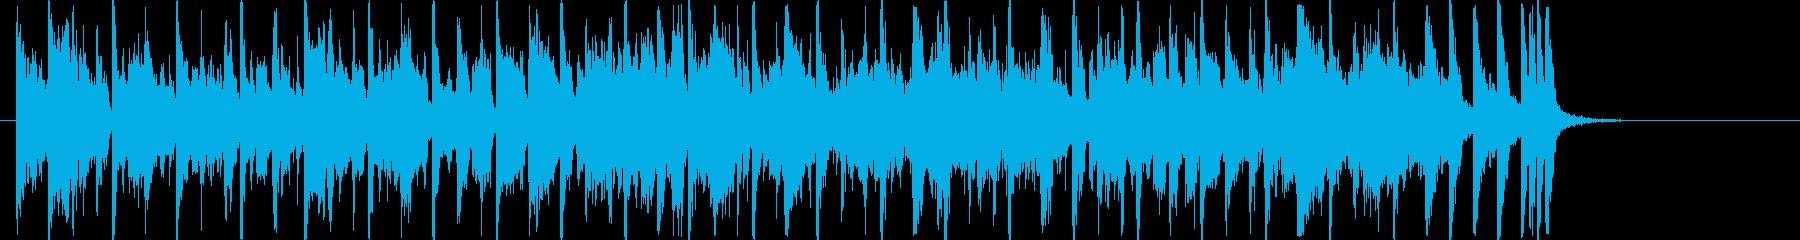 <30秒> 歌入り レトロ元気なBGM①の再生済みの波形